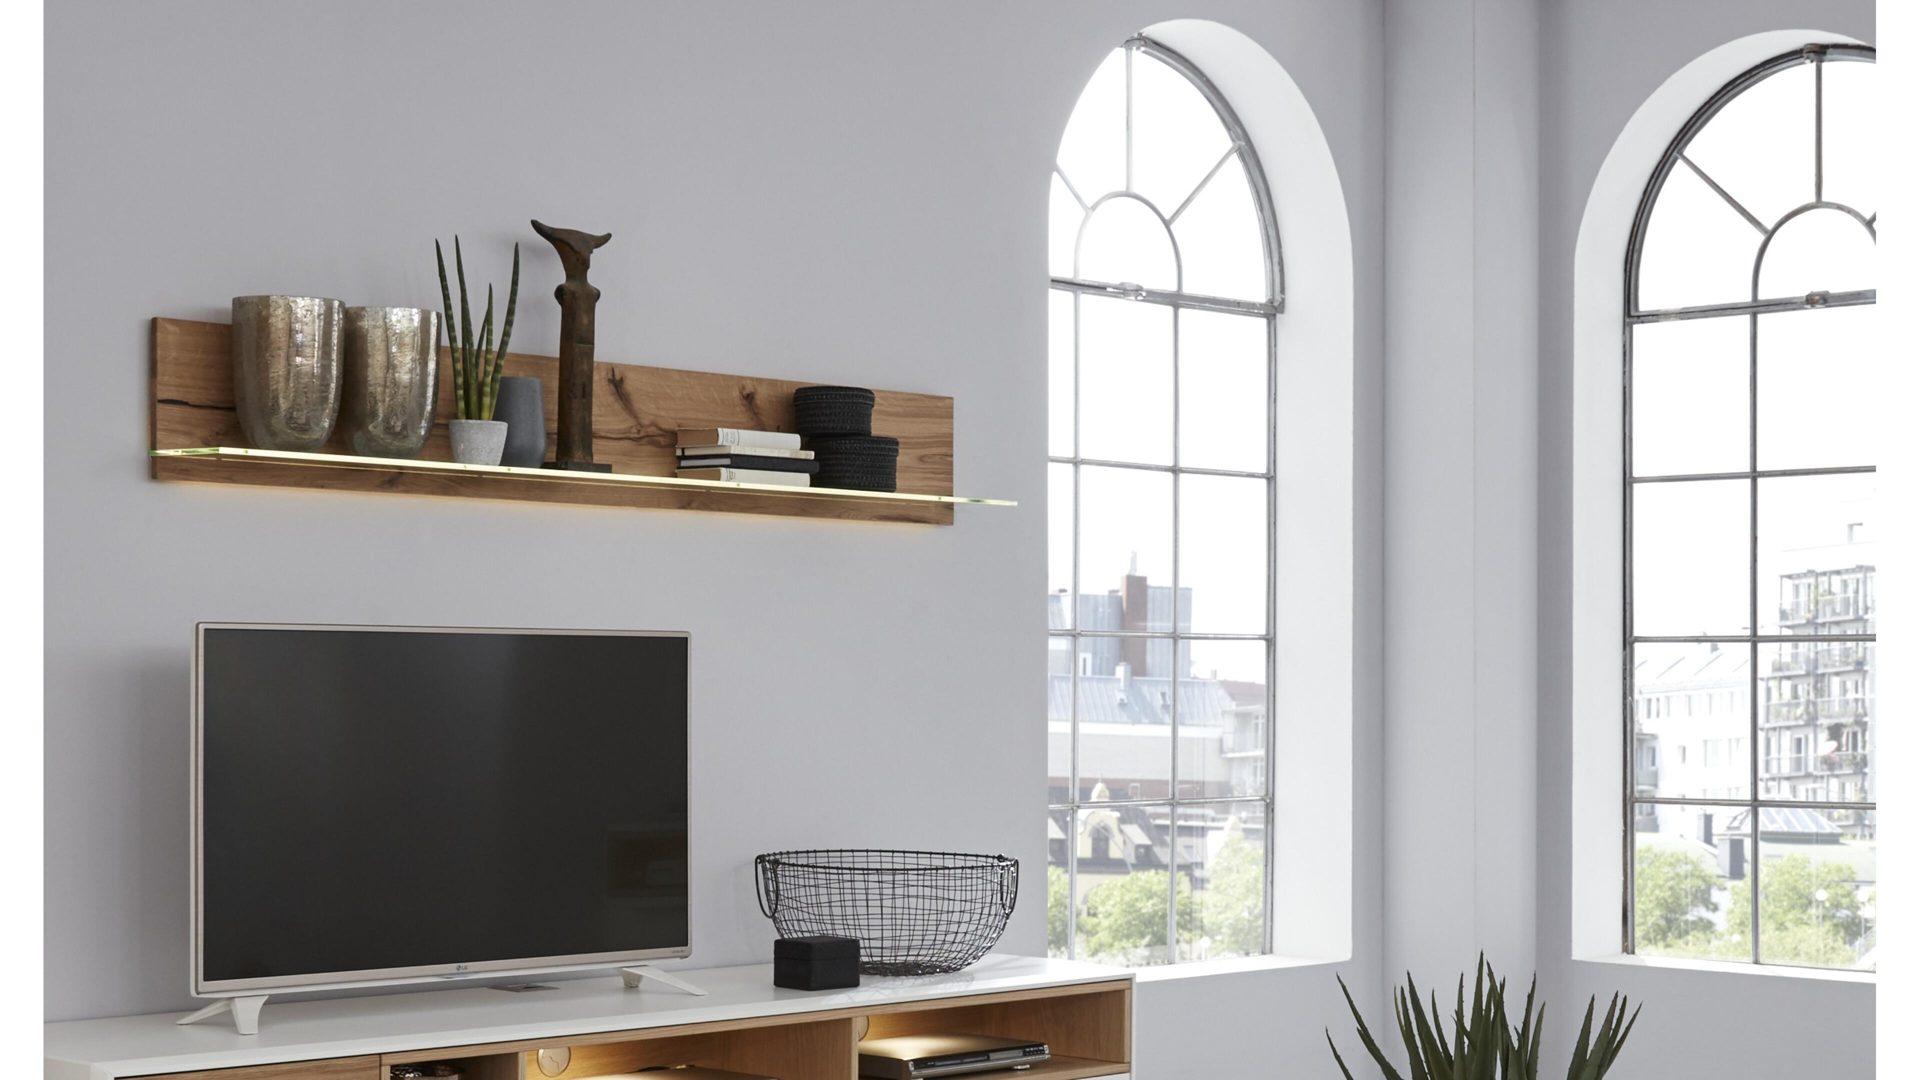 hertel mobel e k gesees markenshops wohnzimmer interliving interliving wohnzimmer serie 2102 wandregal helles asteiche furnier lange ca 176 cm